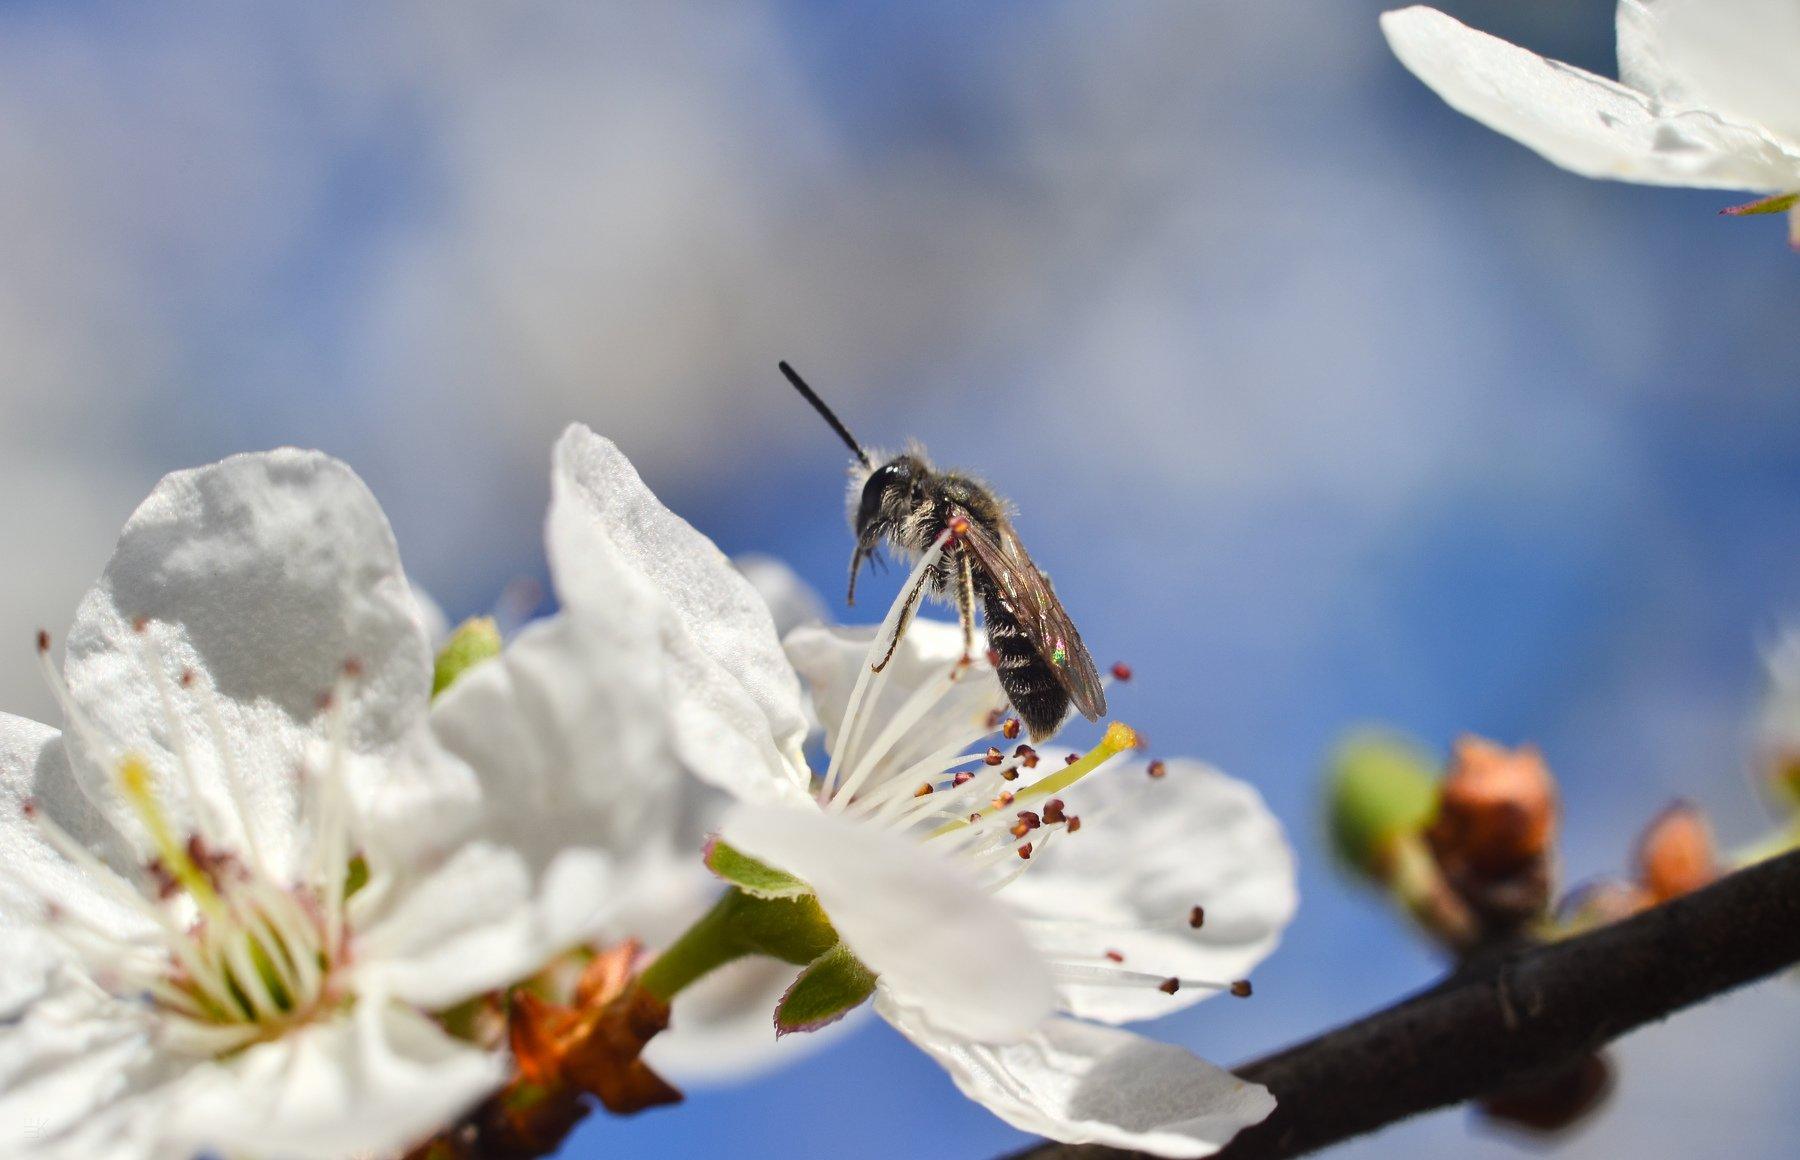 весна, цветы, макро, Елена Шевченко